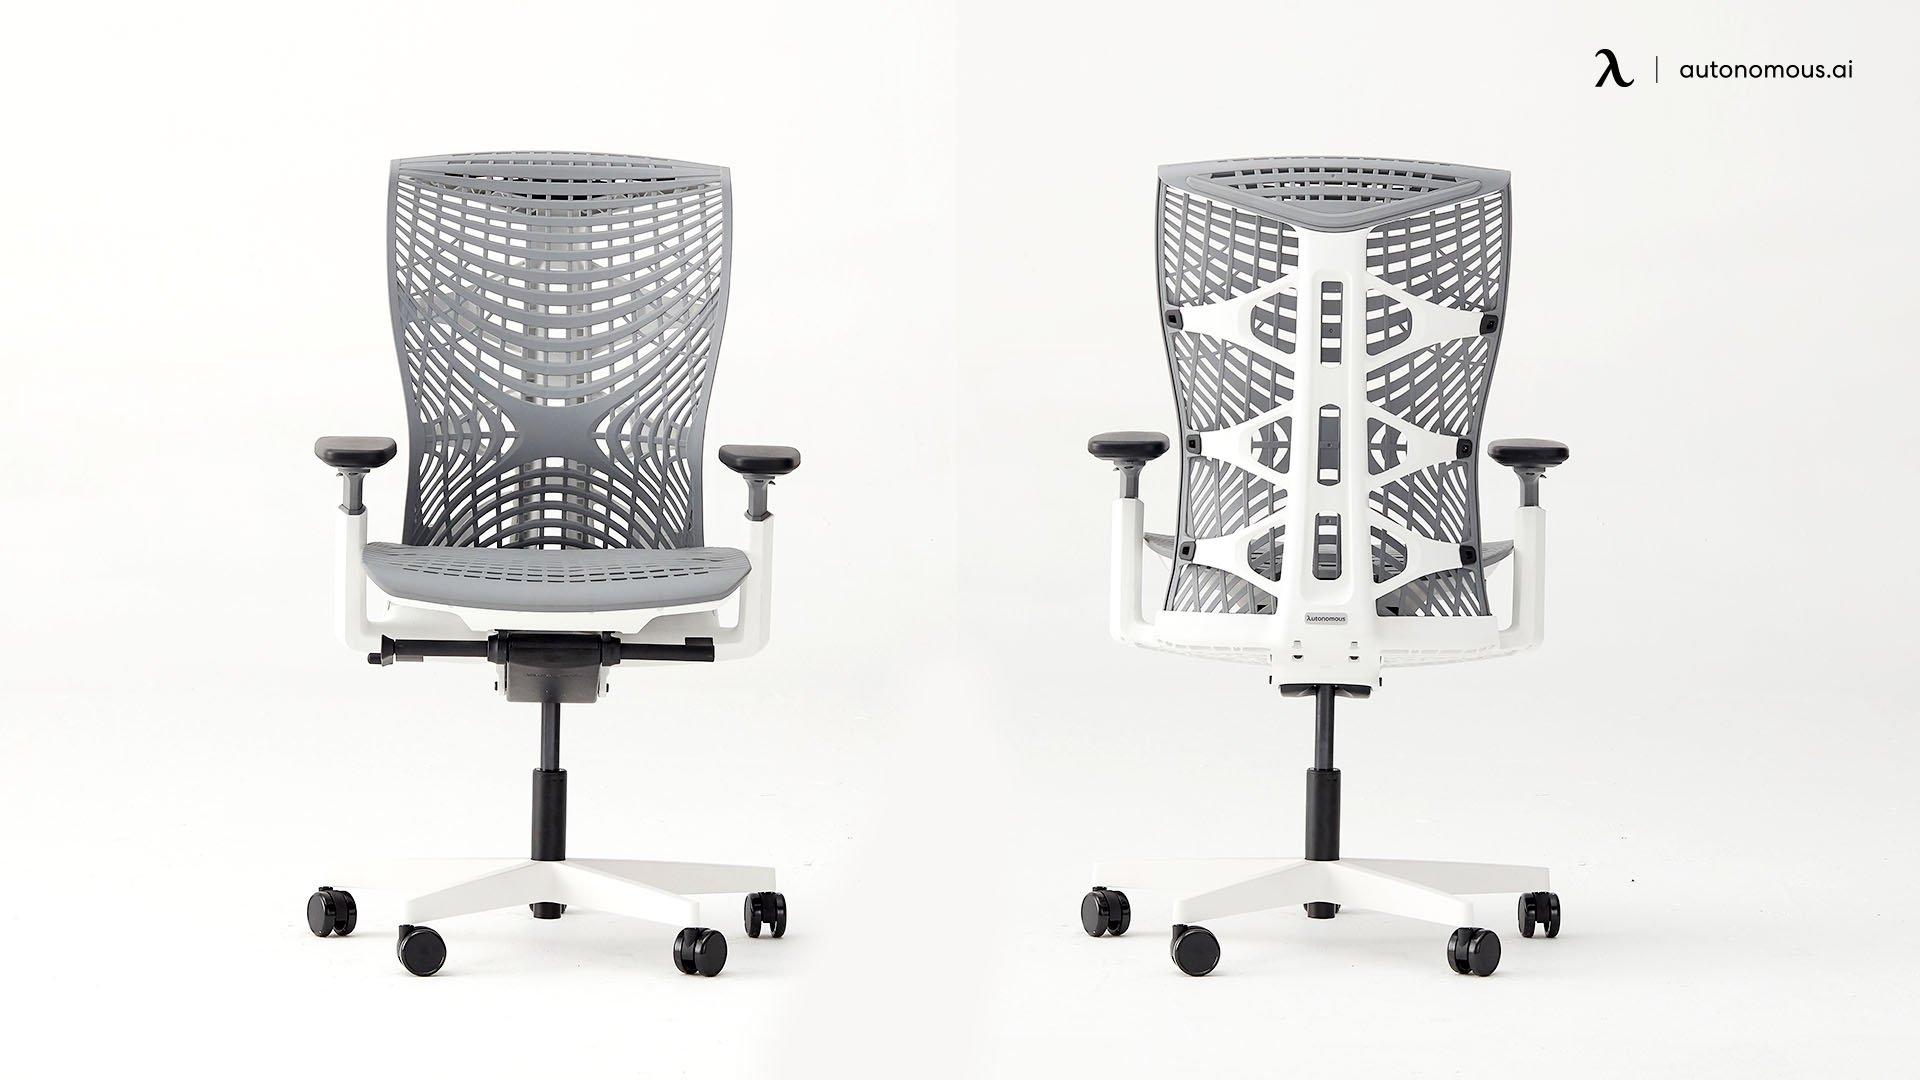 Kinn Chair by Autonomous